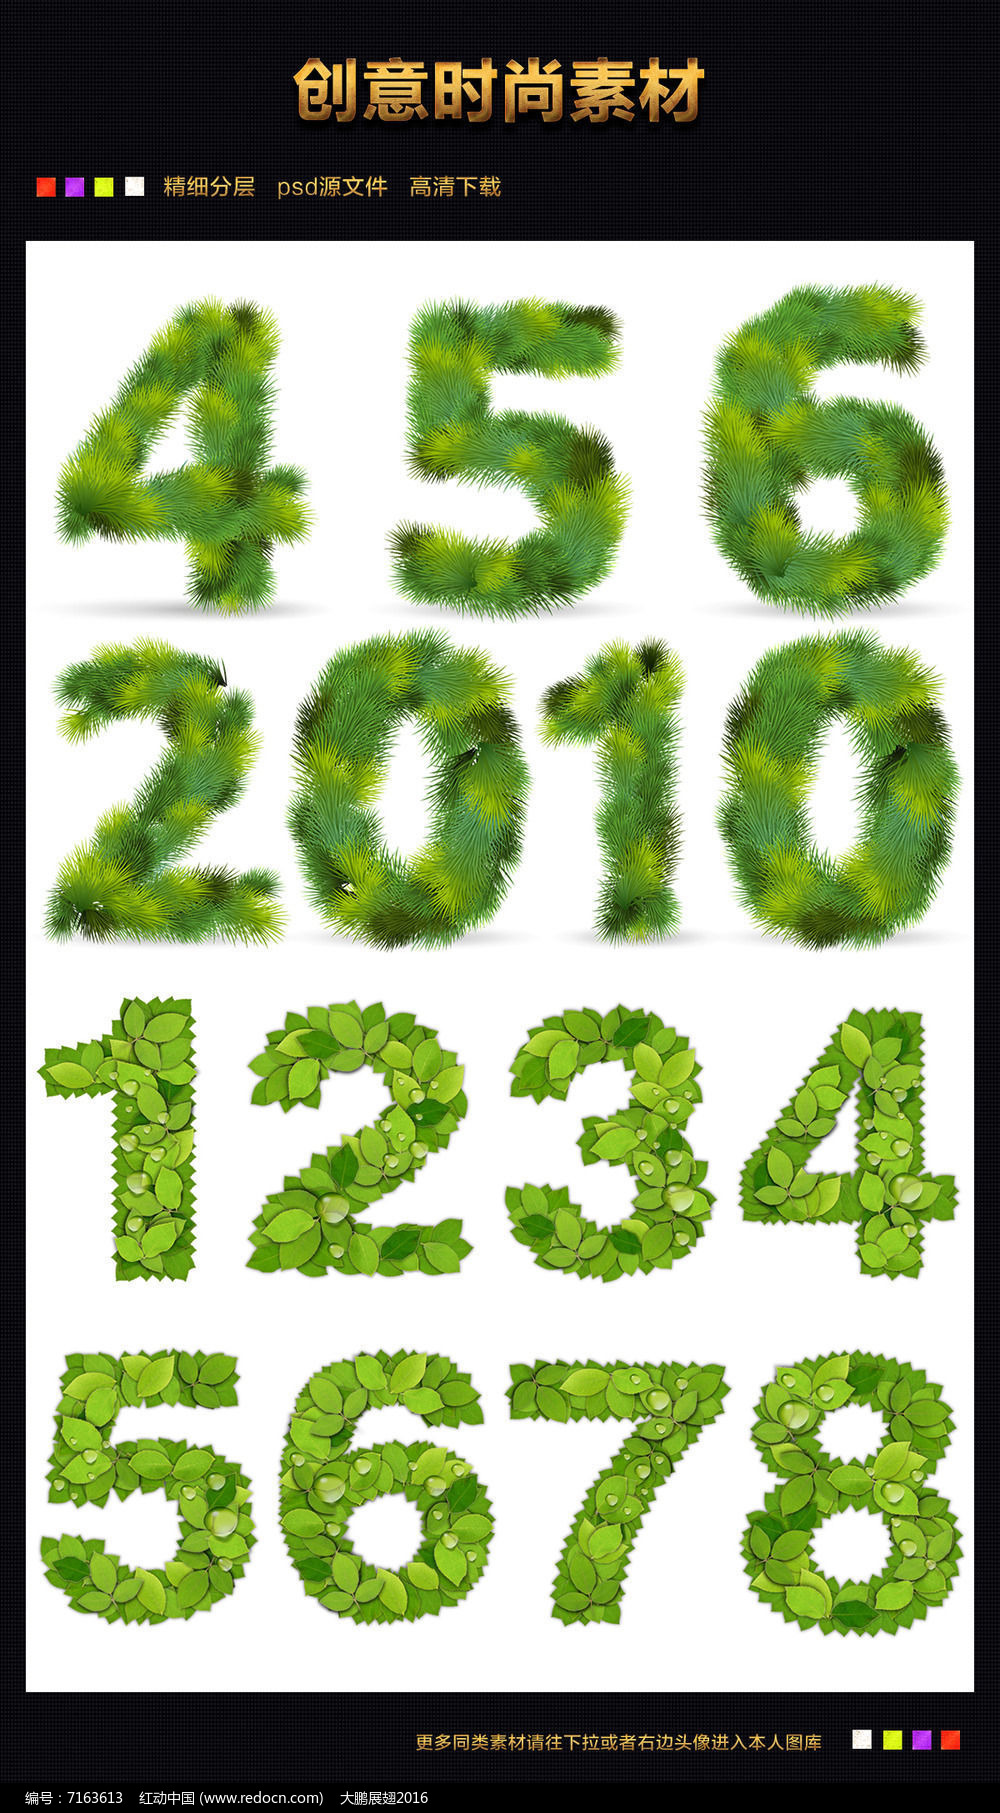 绿色数字字体下载图片